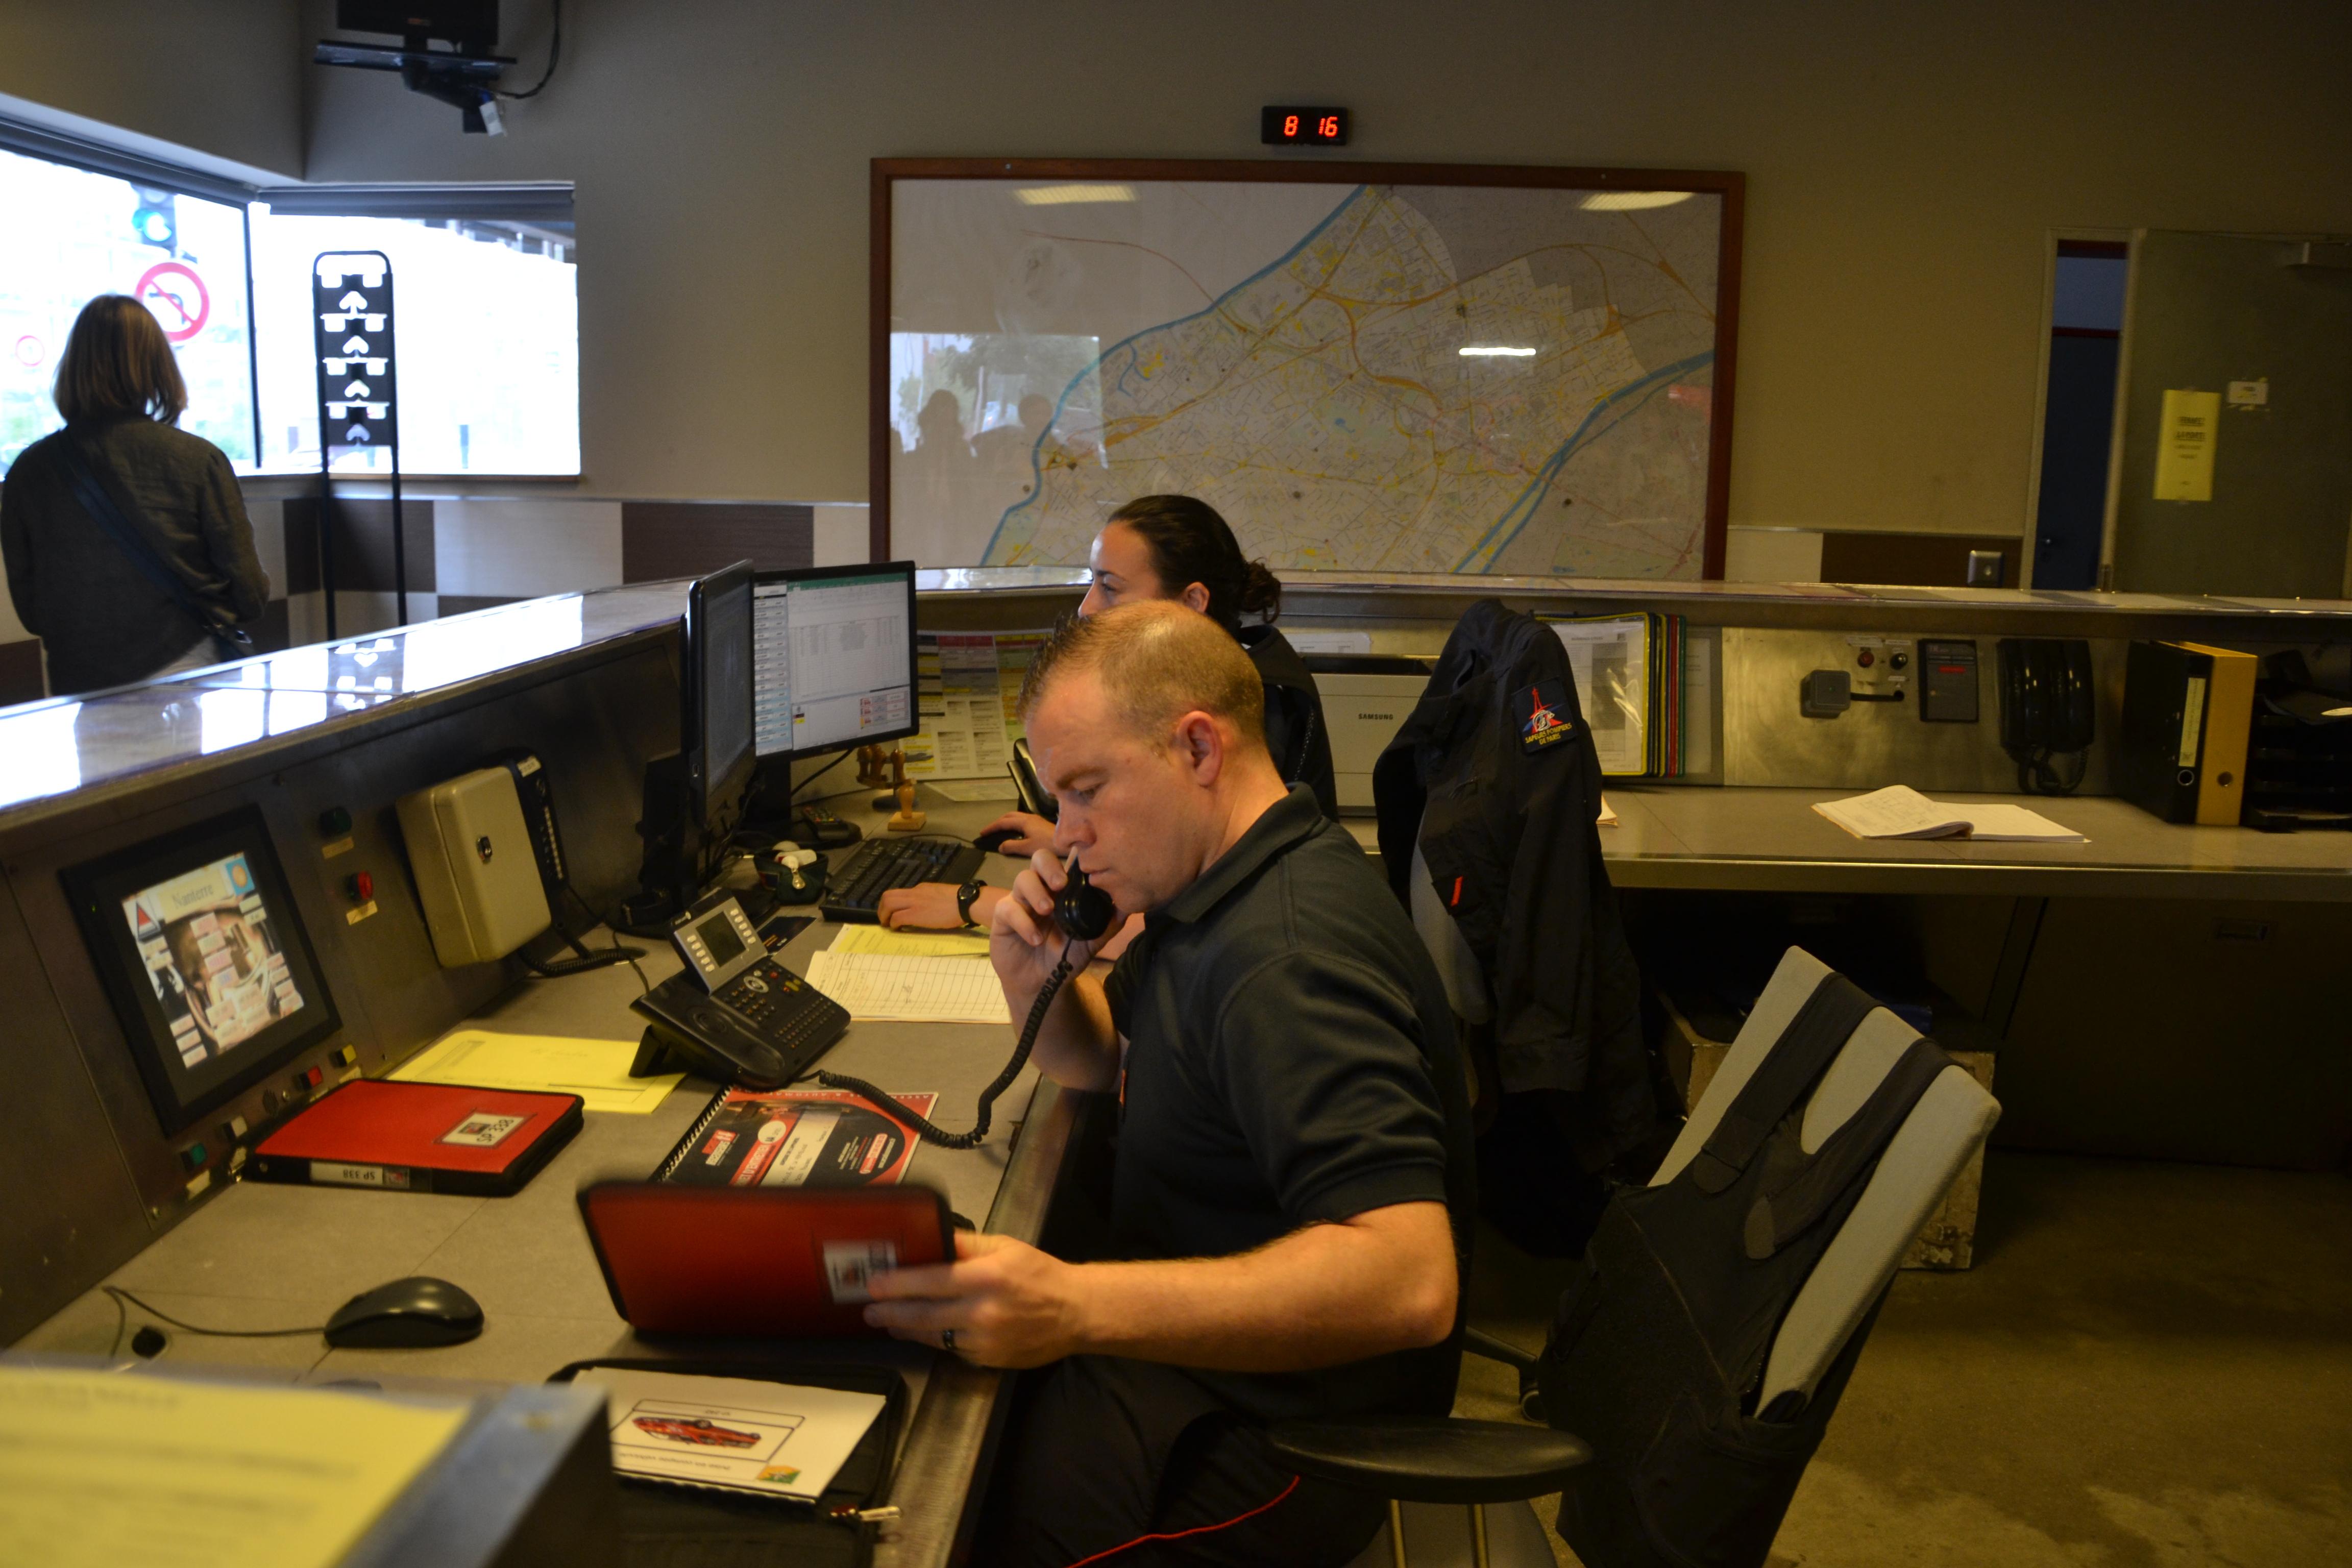 -Le poste de veille opérationnelle est le centre névralgique, c'est de là que partent les ordres d'intervention.